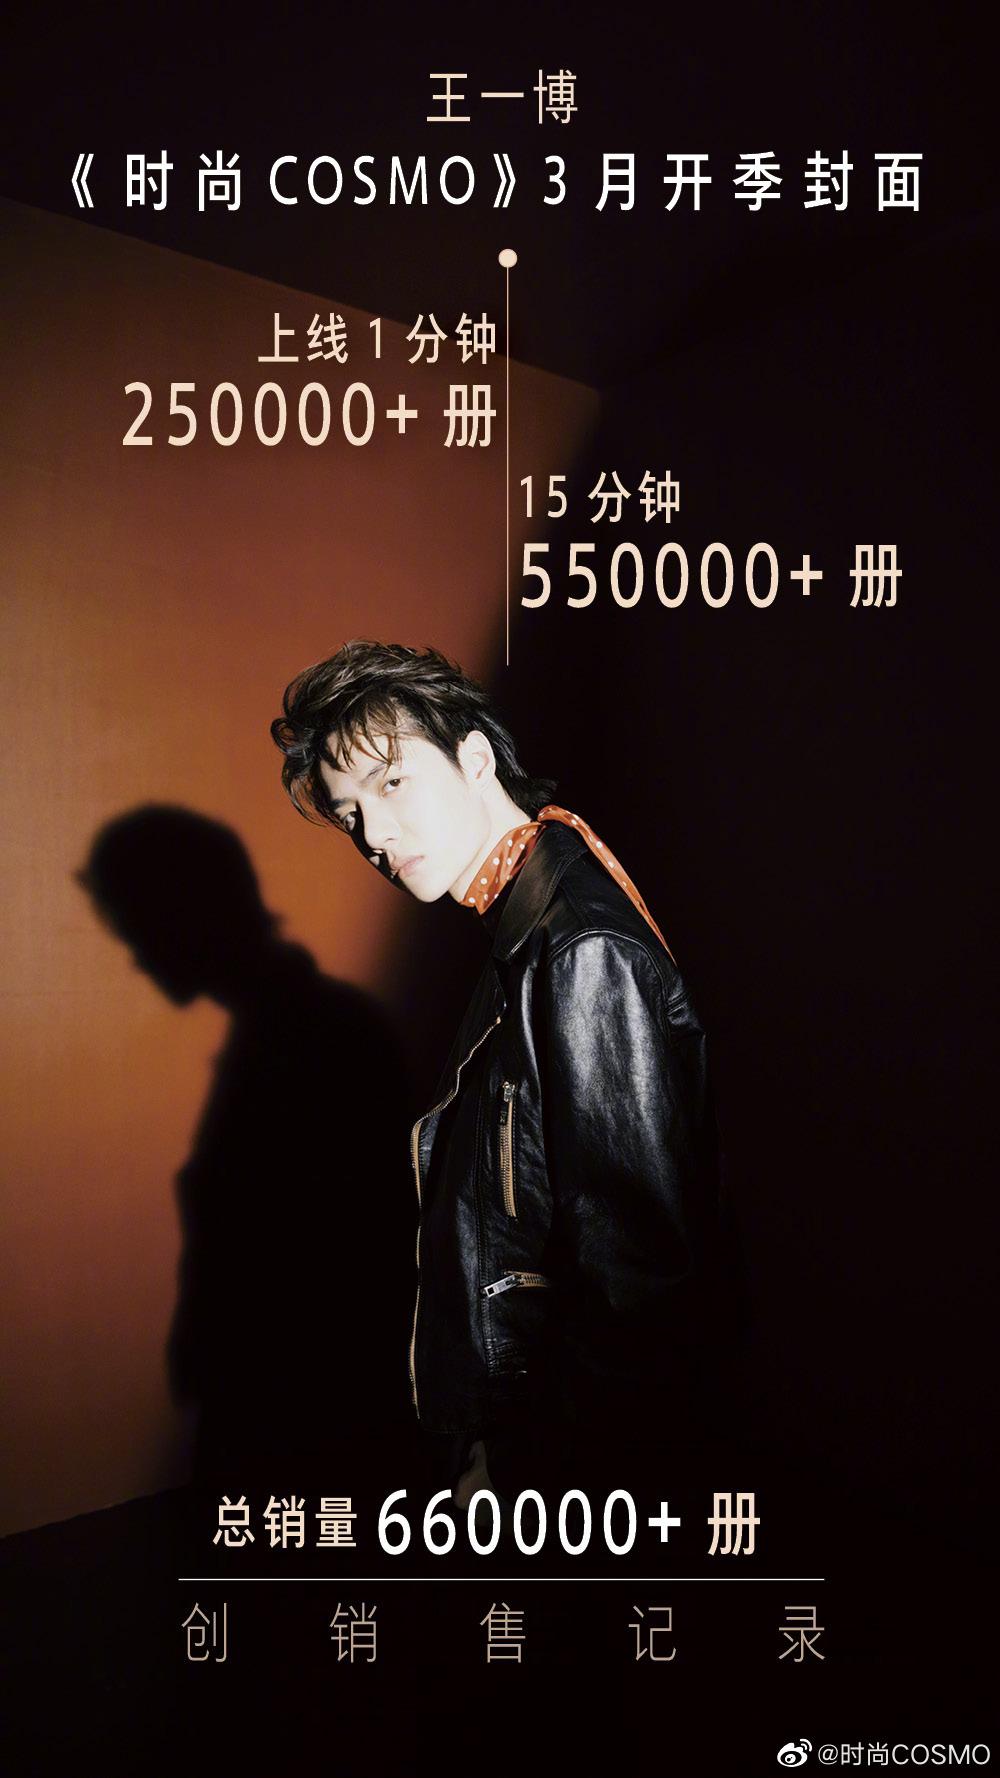 [新闻]200213 王一博《时尚Cosmo》开季封实绩惊人 总销售额突破1300万再创实体刊销售记录!